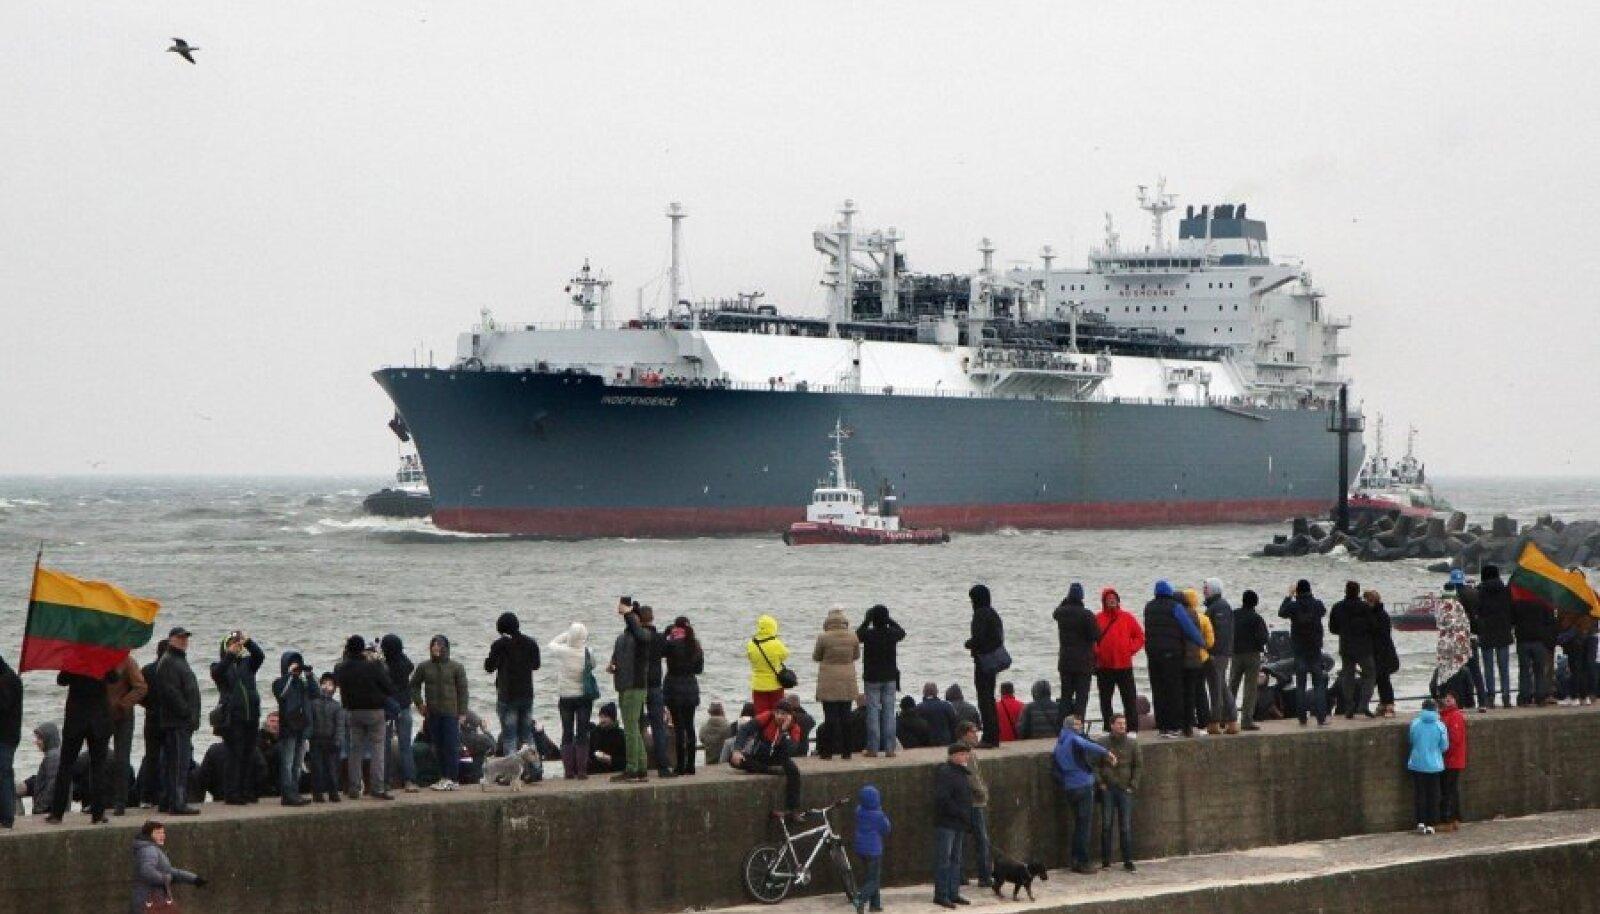 Klaipėdasse saabub Leedu LNG-terminal, alus Independence. Leedulased tervitasid Vene gaasist sõltumatuse saabumist.